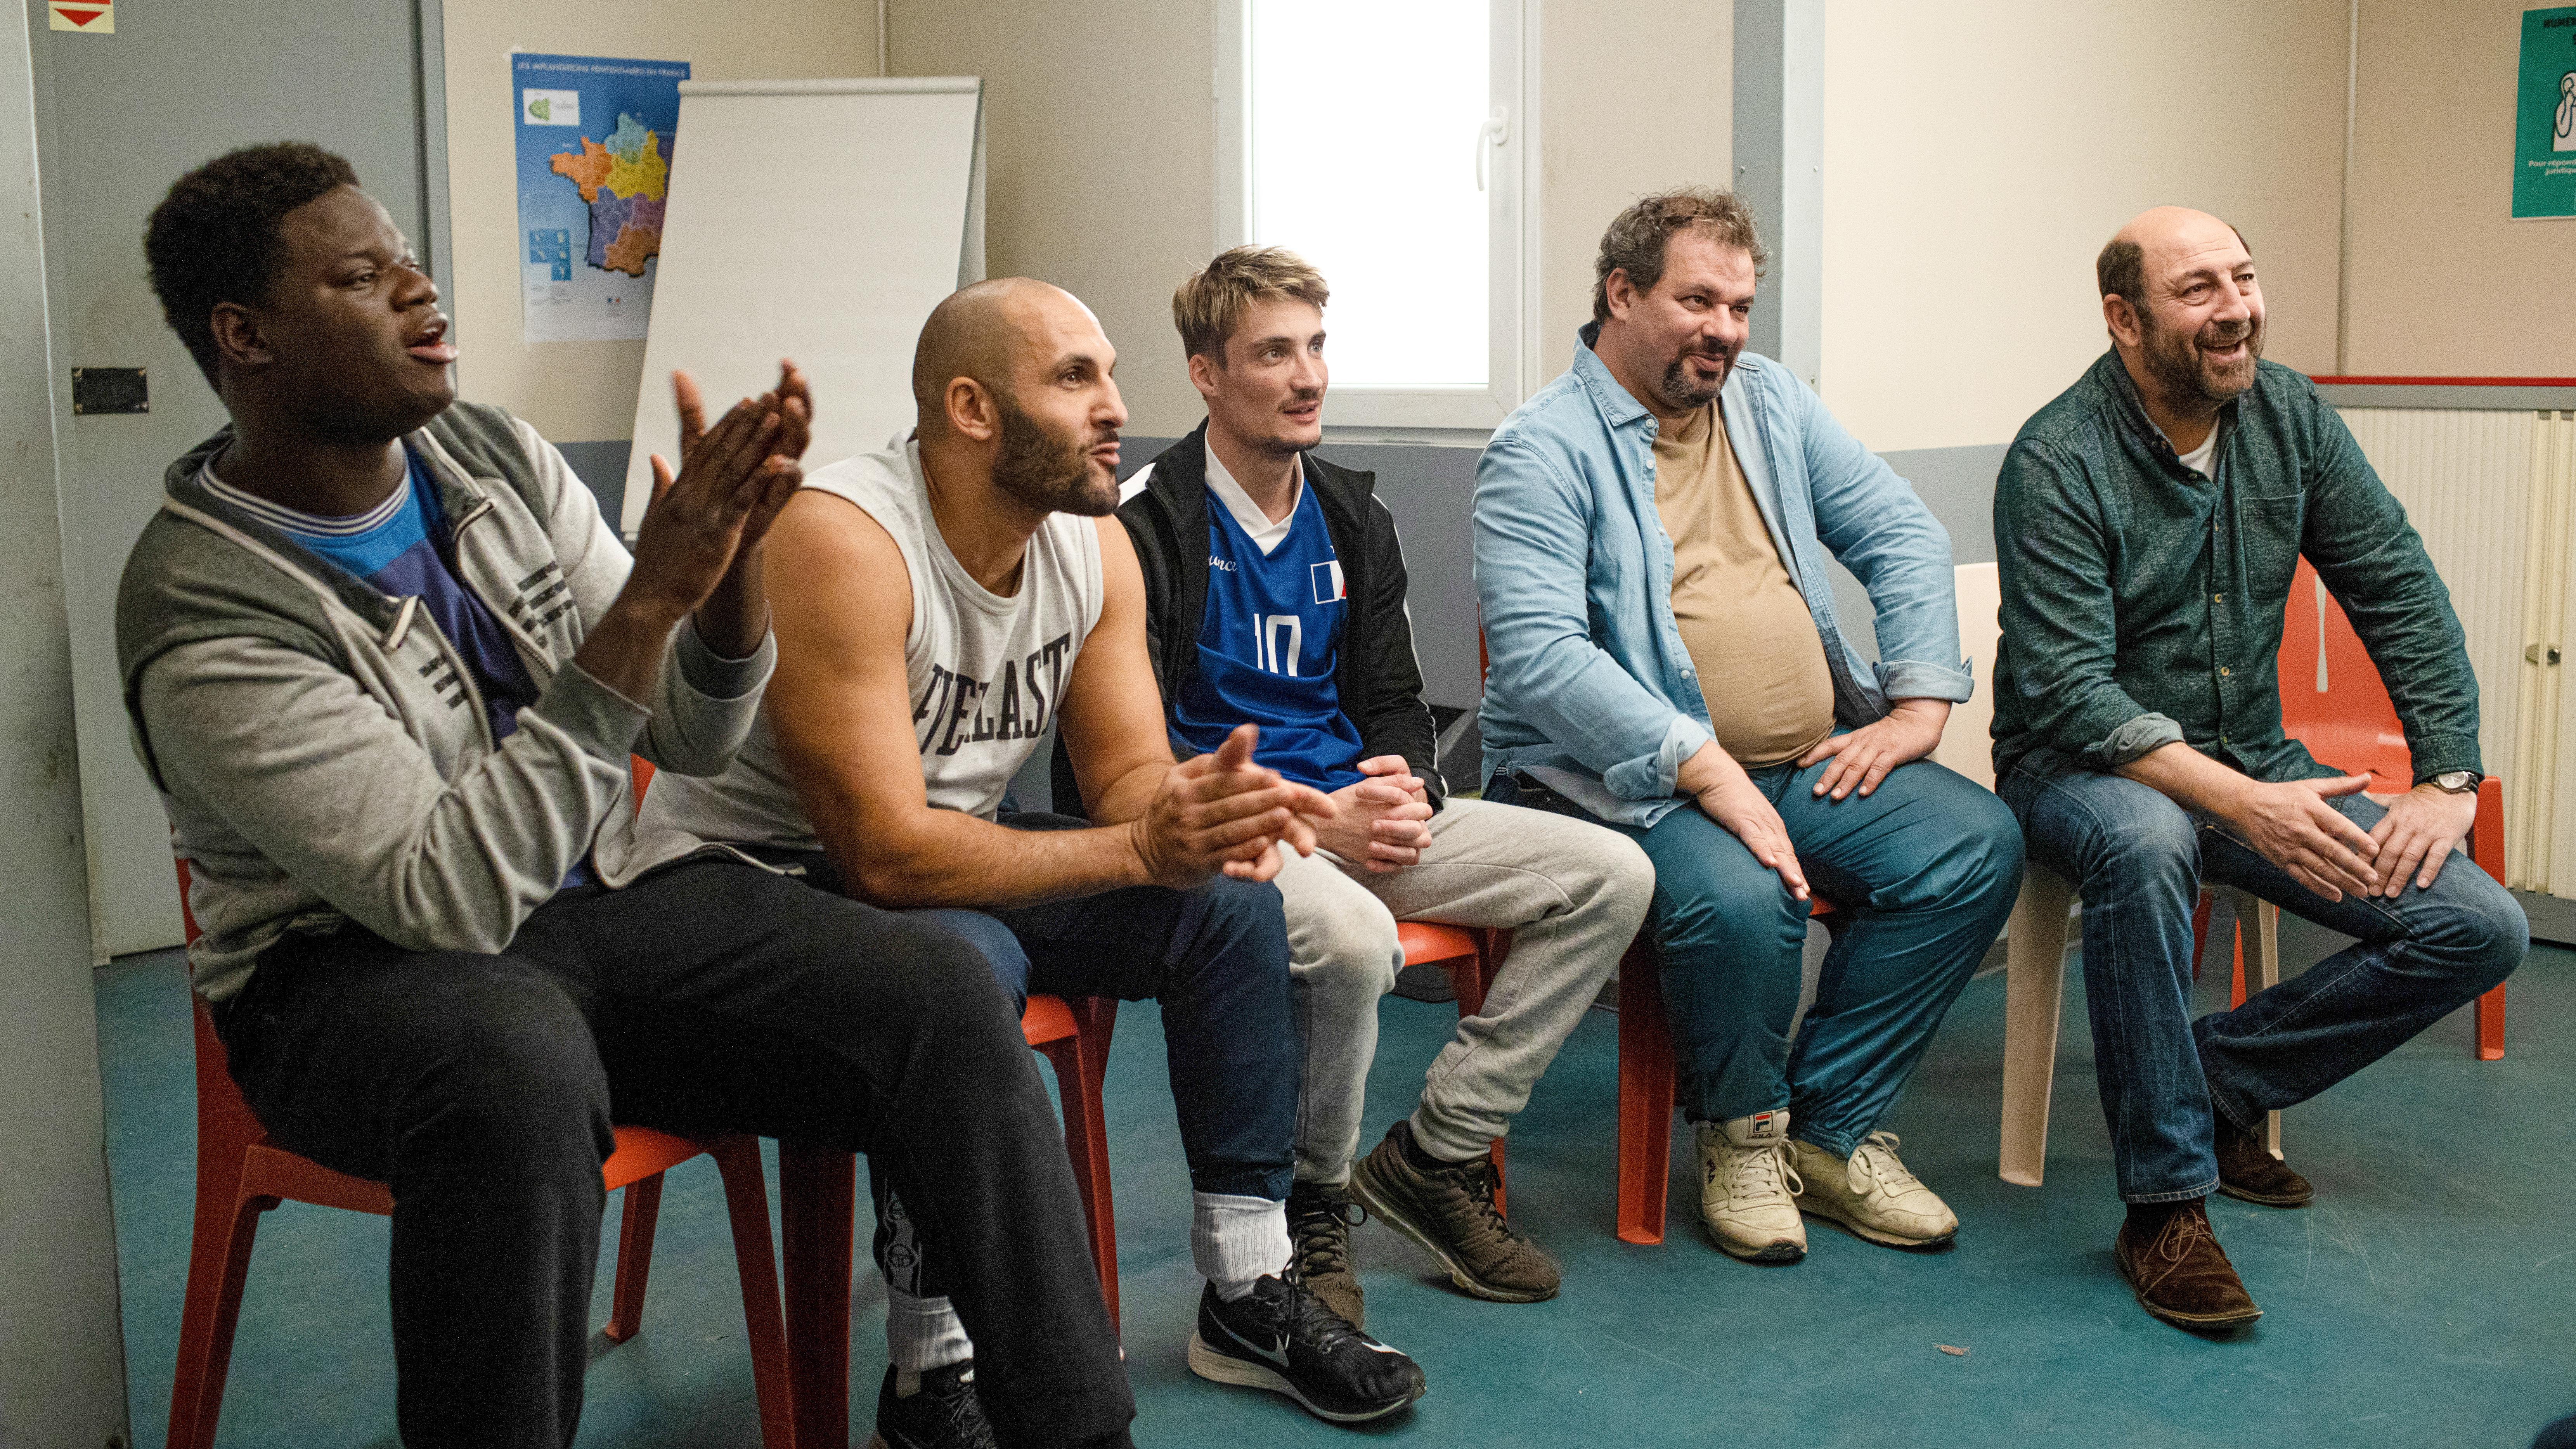 Critique / Avis film Un triomphe: la belle aventure de groupe avec Kad Merad